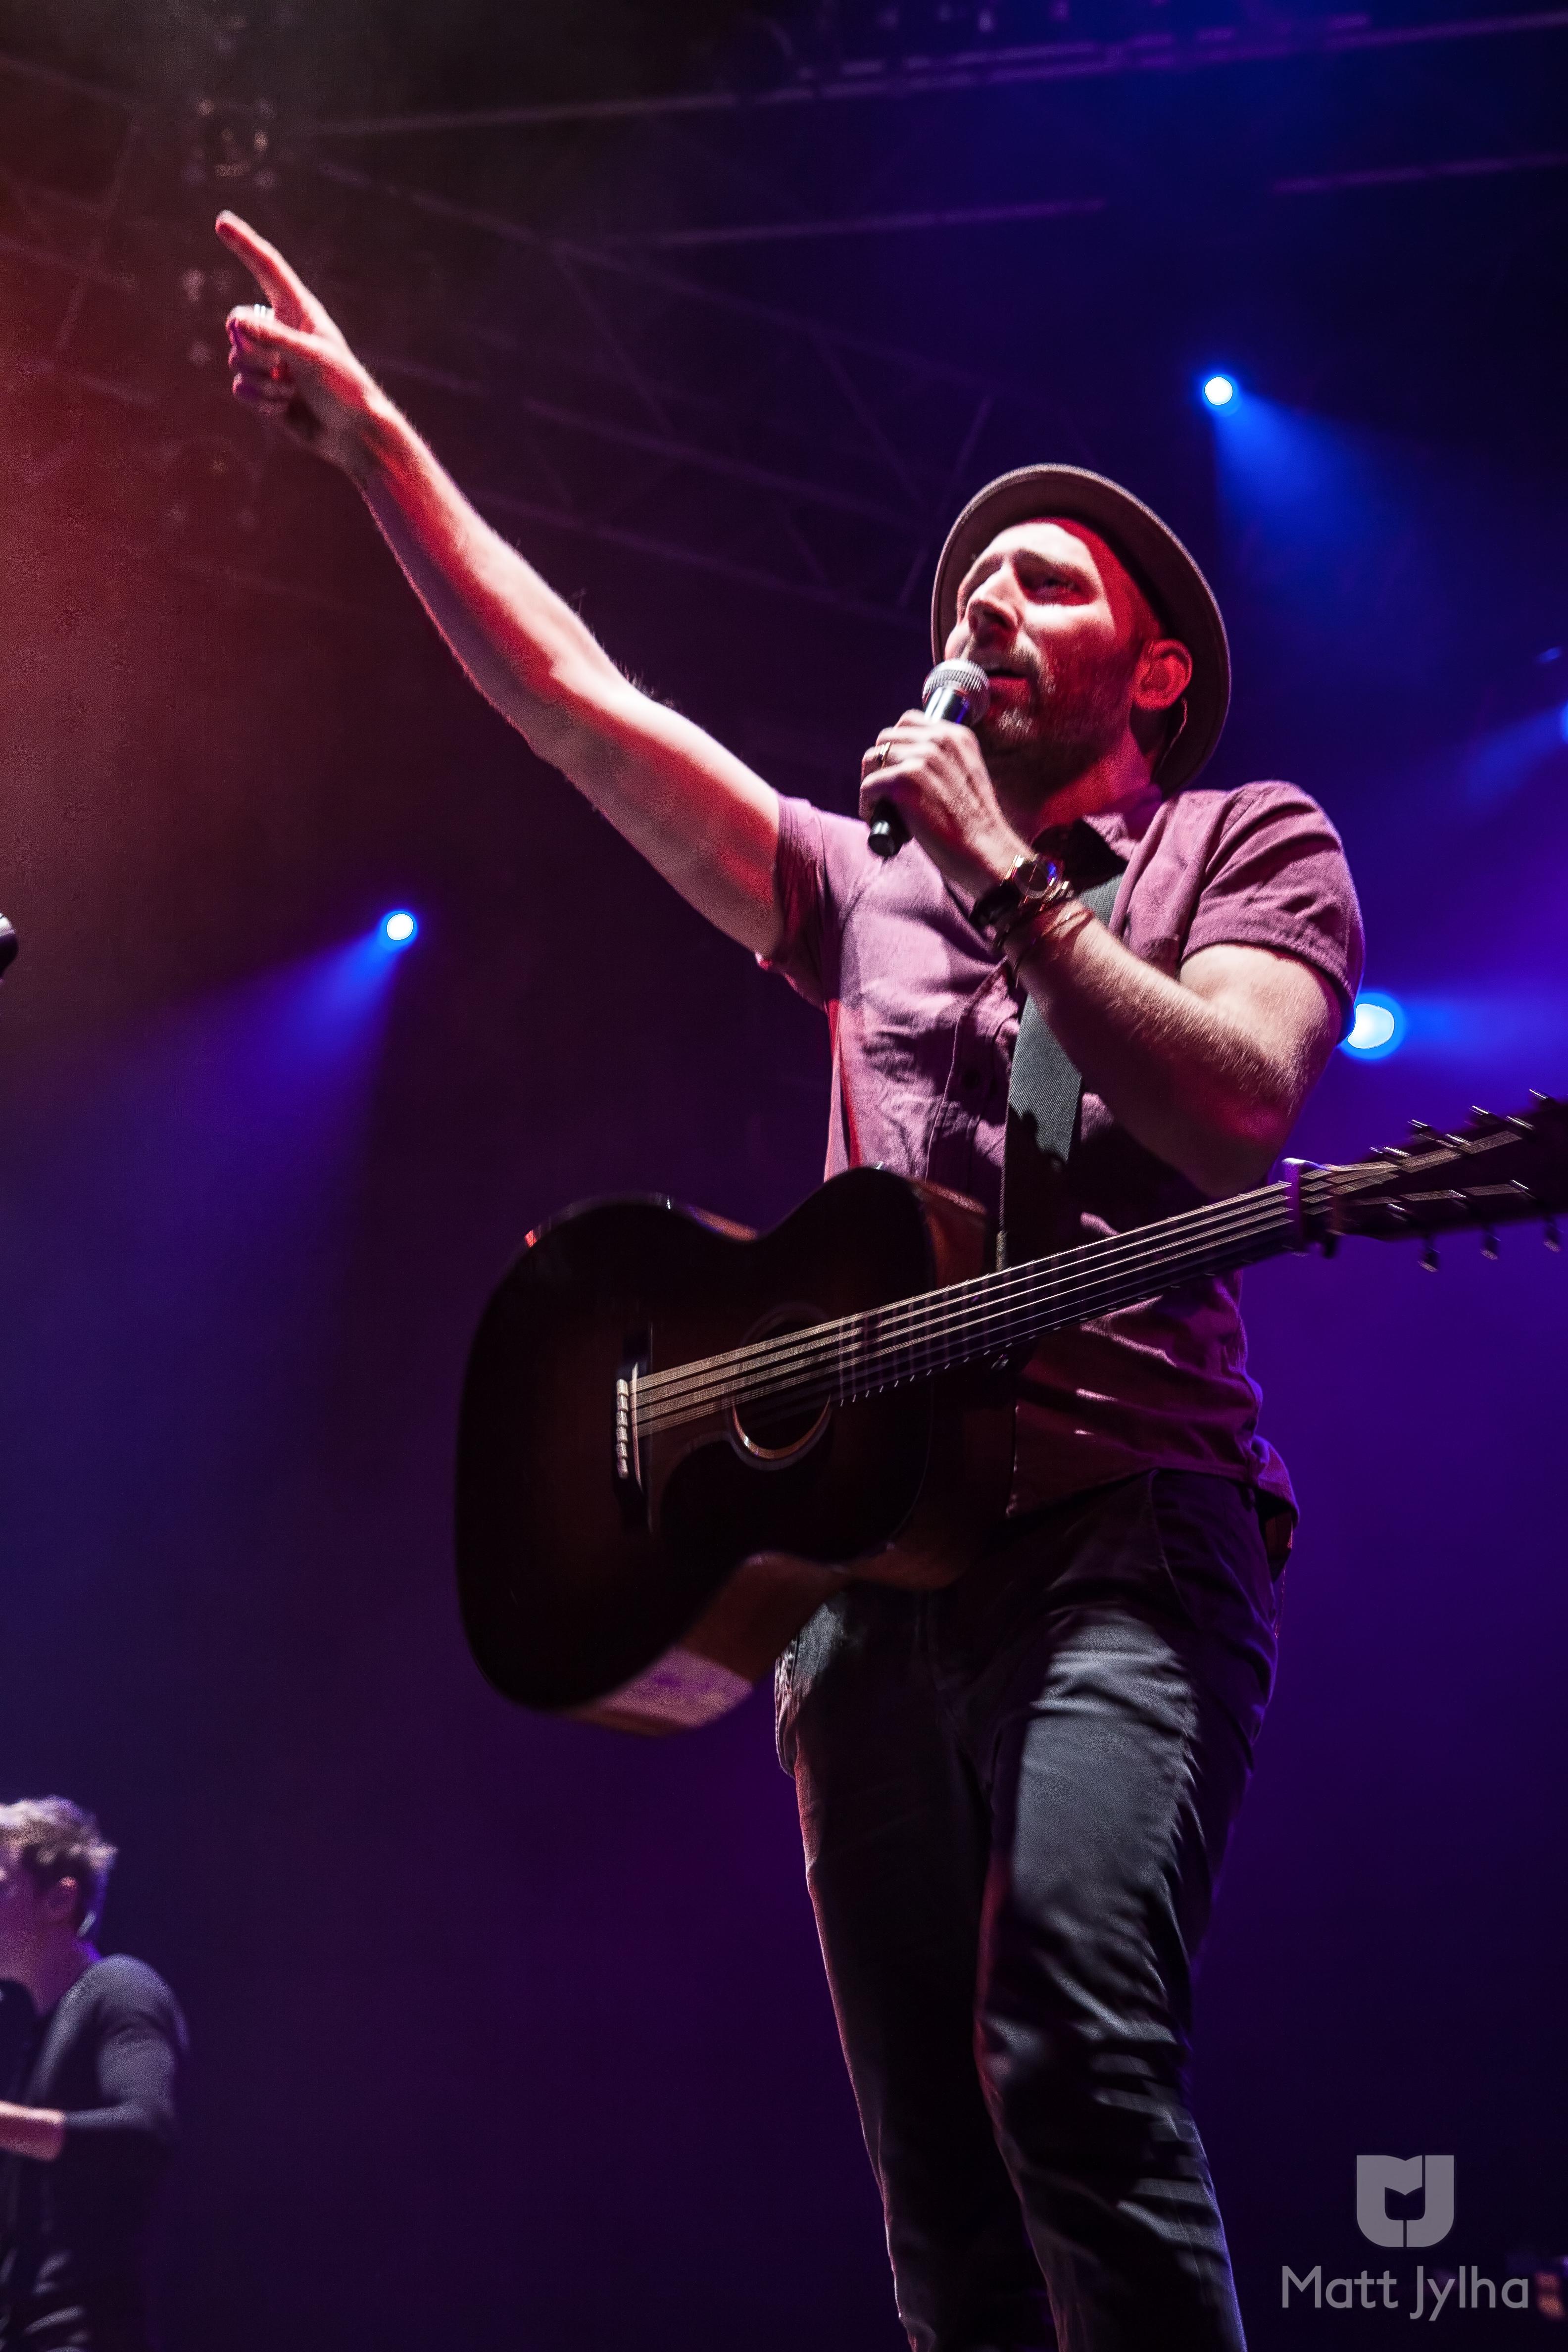 Orlando_Concert_Photographer_Matt_Jylha_150